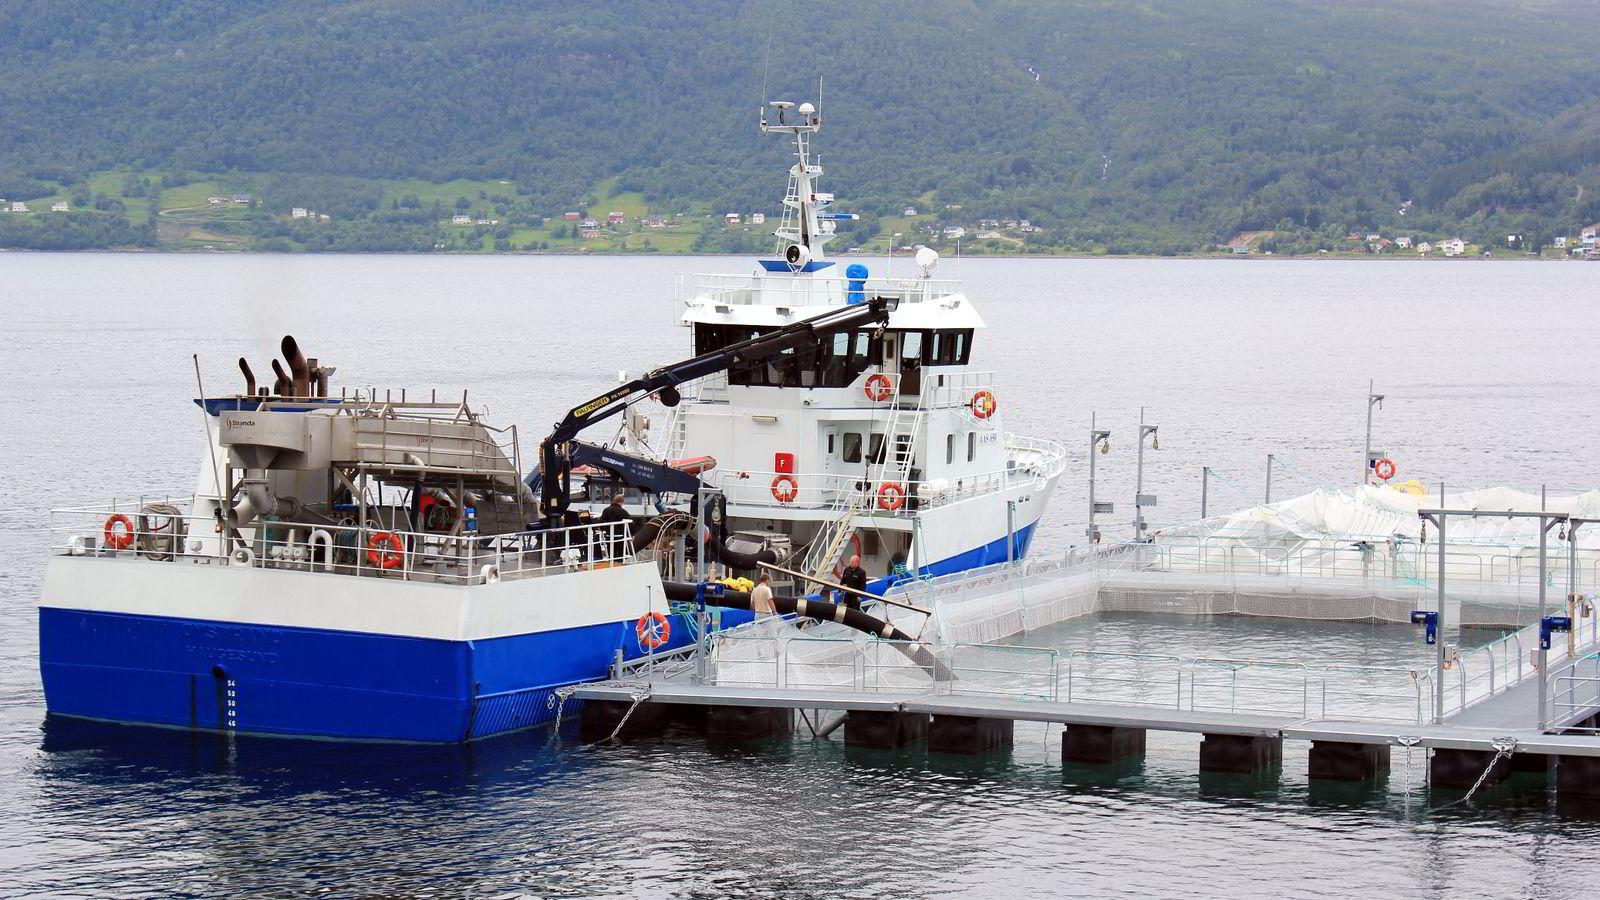 Astafjord fiskeslakteri er en av de største arbeidsgiverne i  kommunen med høyest sykefravær i landet - Gratangen. Foto: Mats Lundberg/Astafjord.